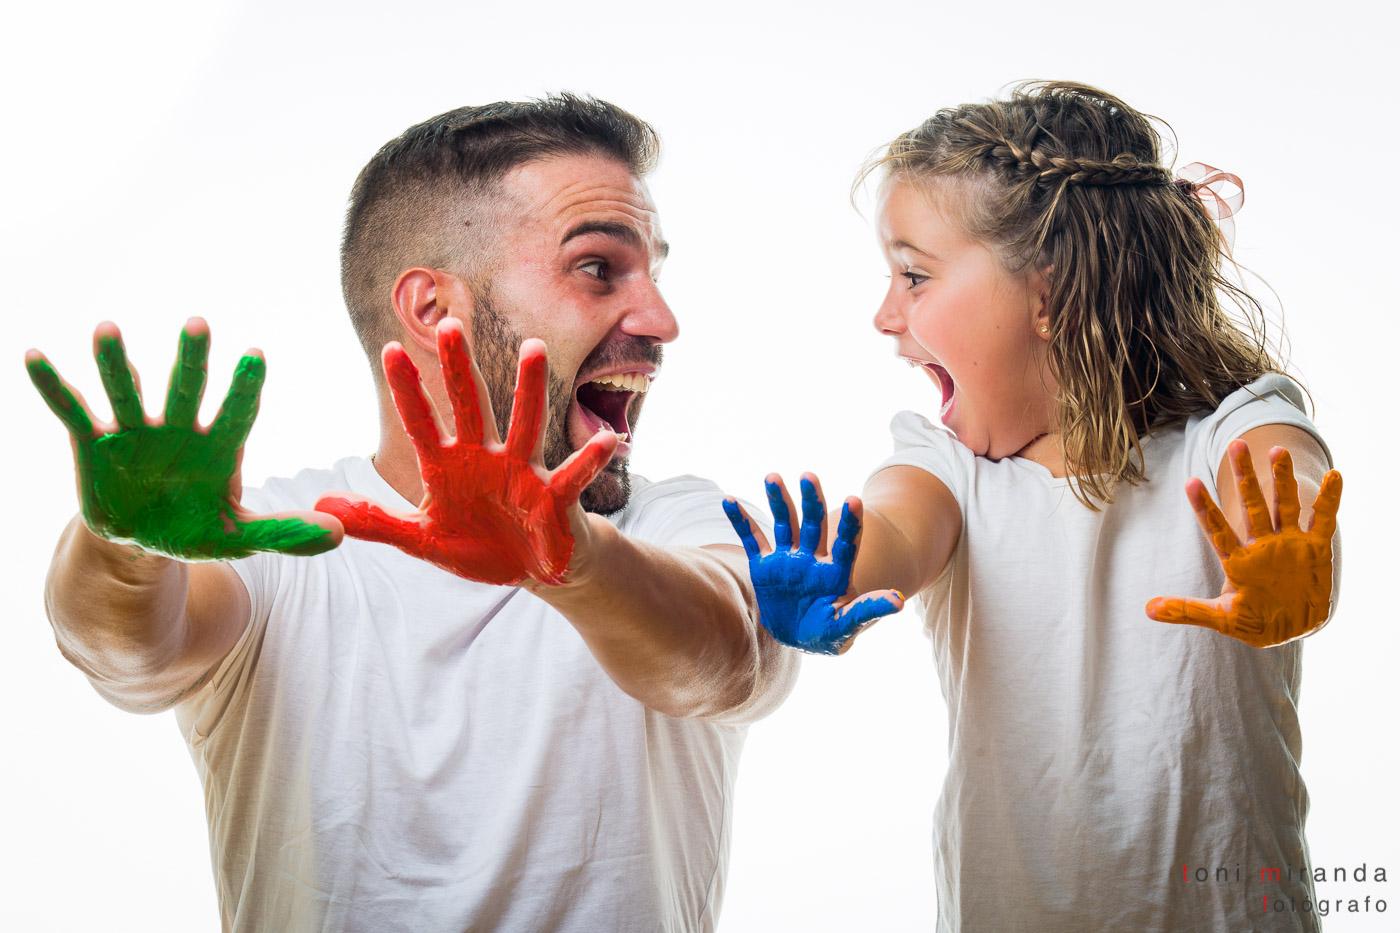 padre e hija jugando con pintura